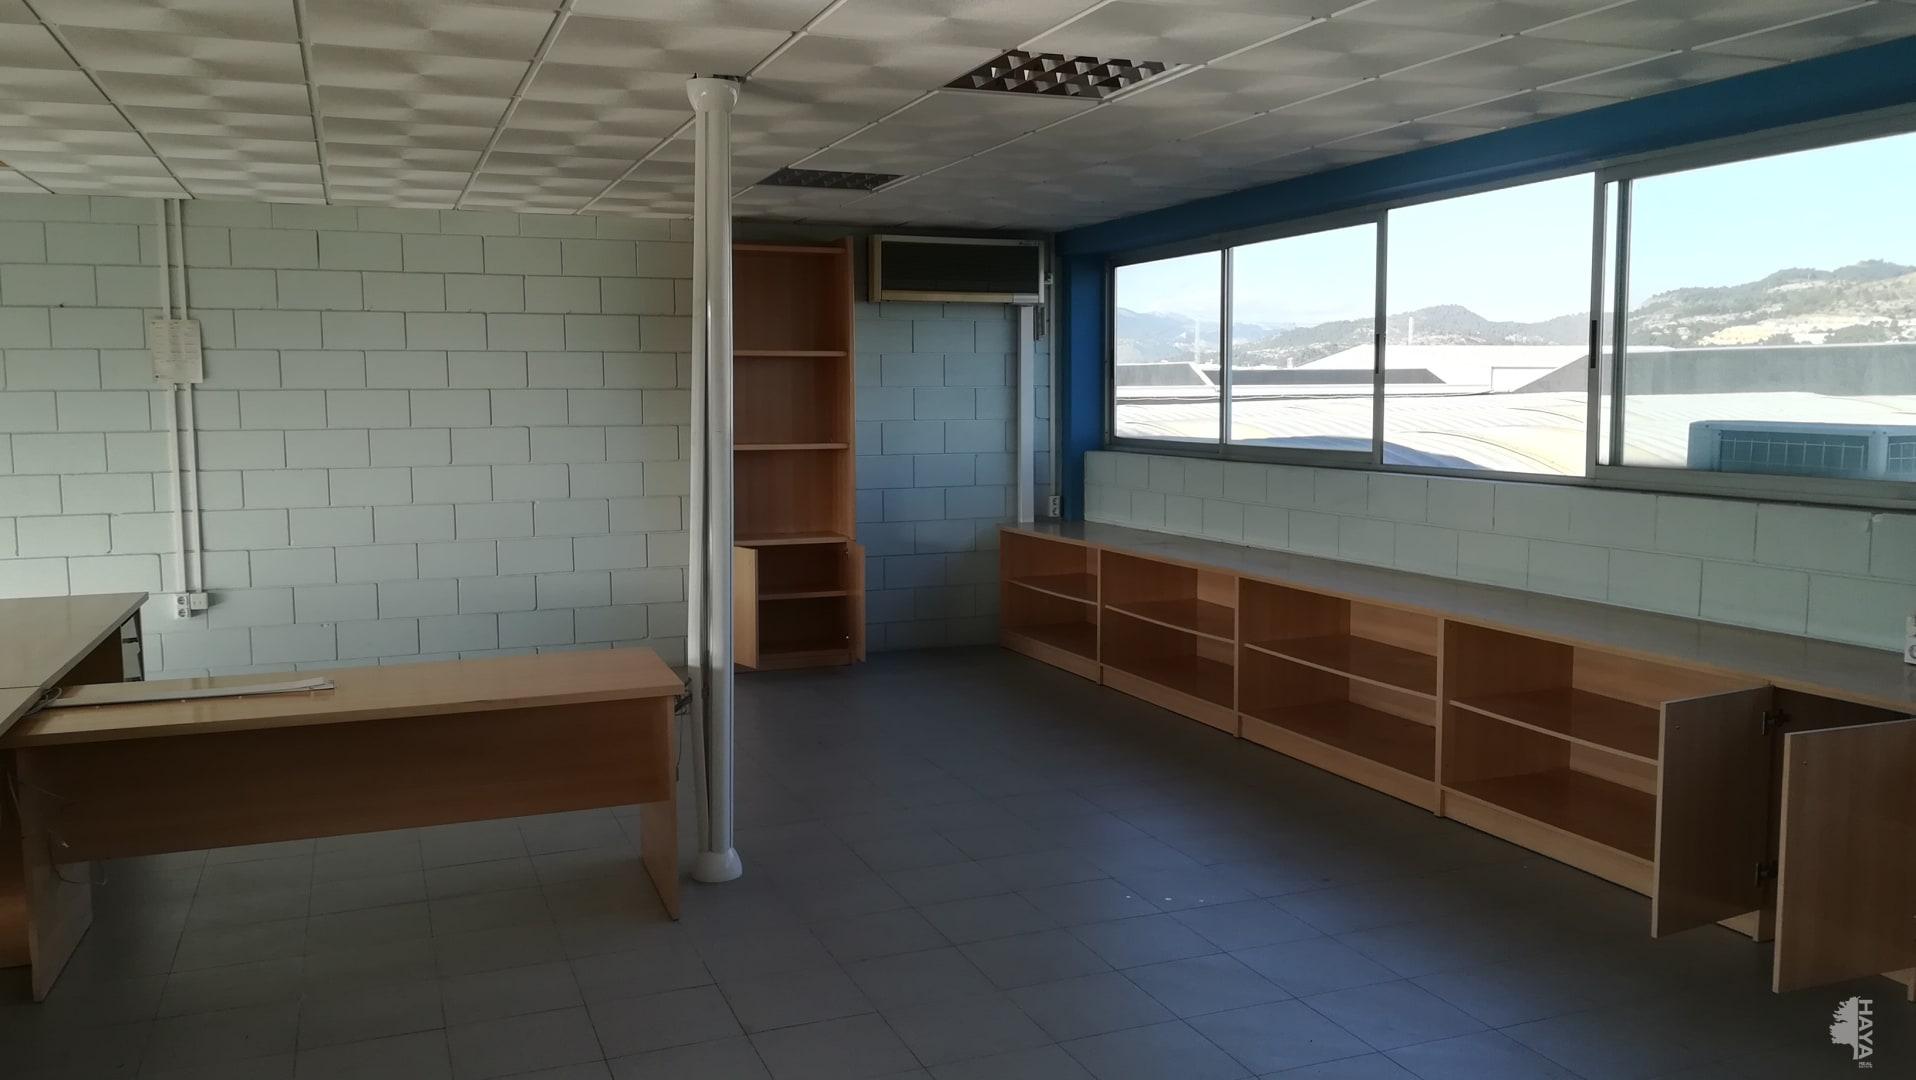 Oficina en venta en avenida benieto c/ transport , 32-uno, 46702, gandia (valencia) - imagenInmueble1